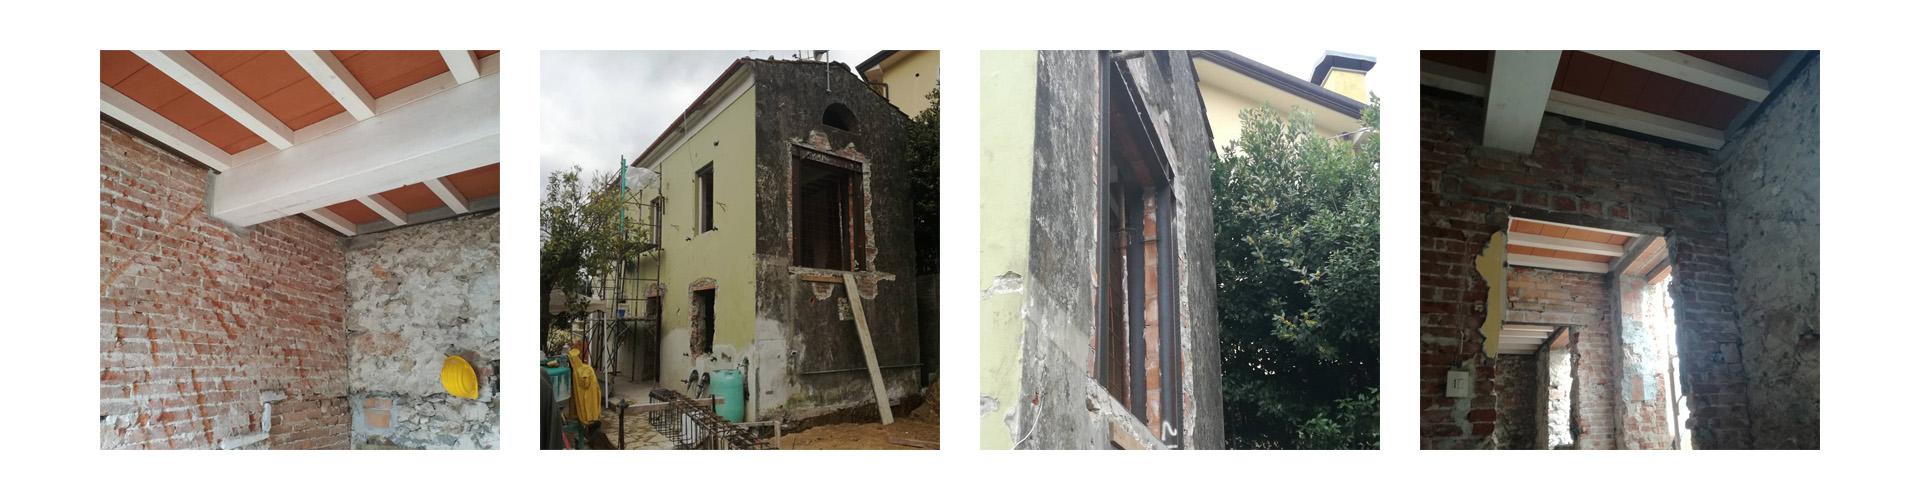 Consolidamento strutturale adeguamento in materia sismica